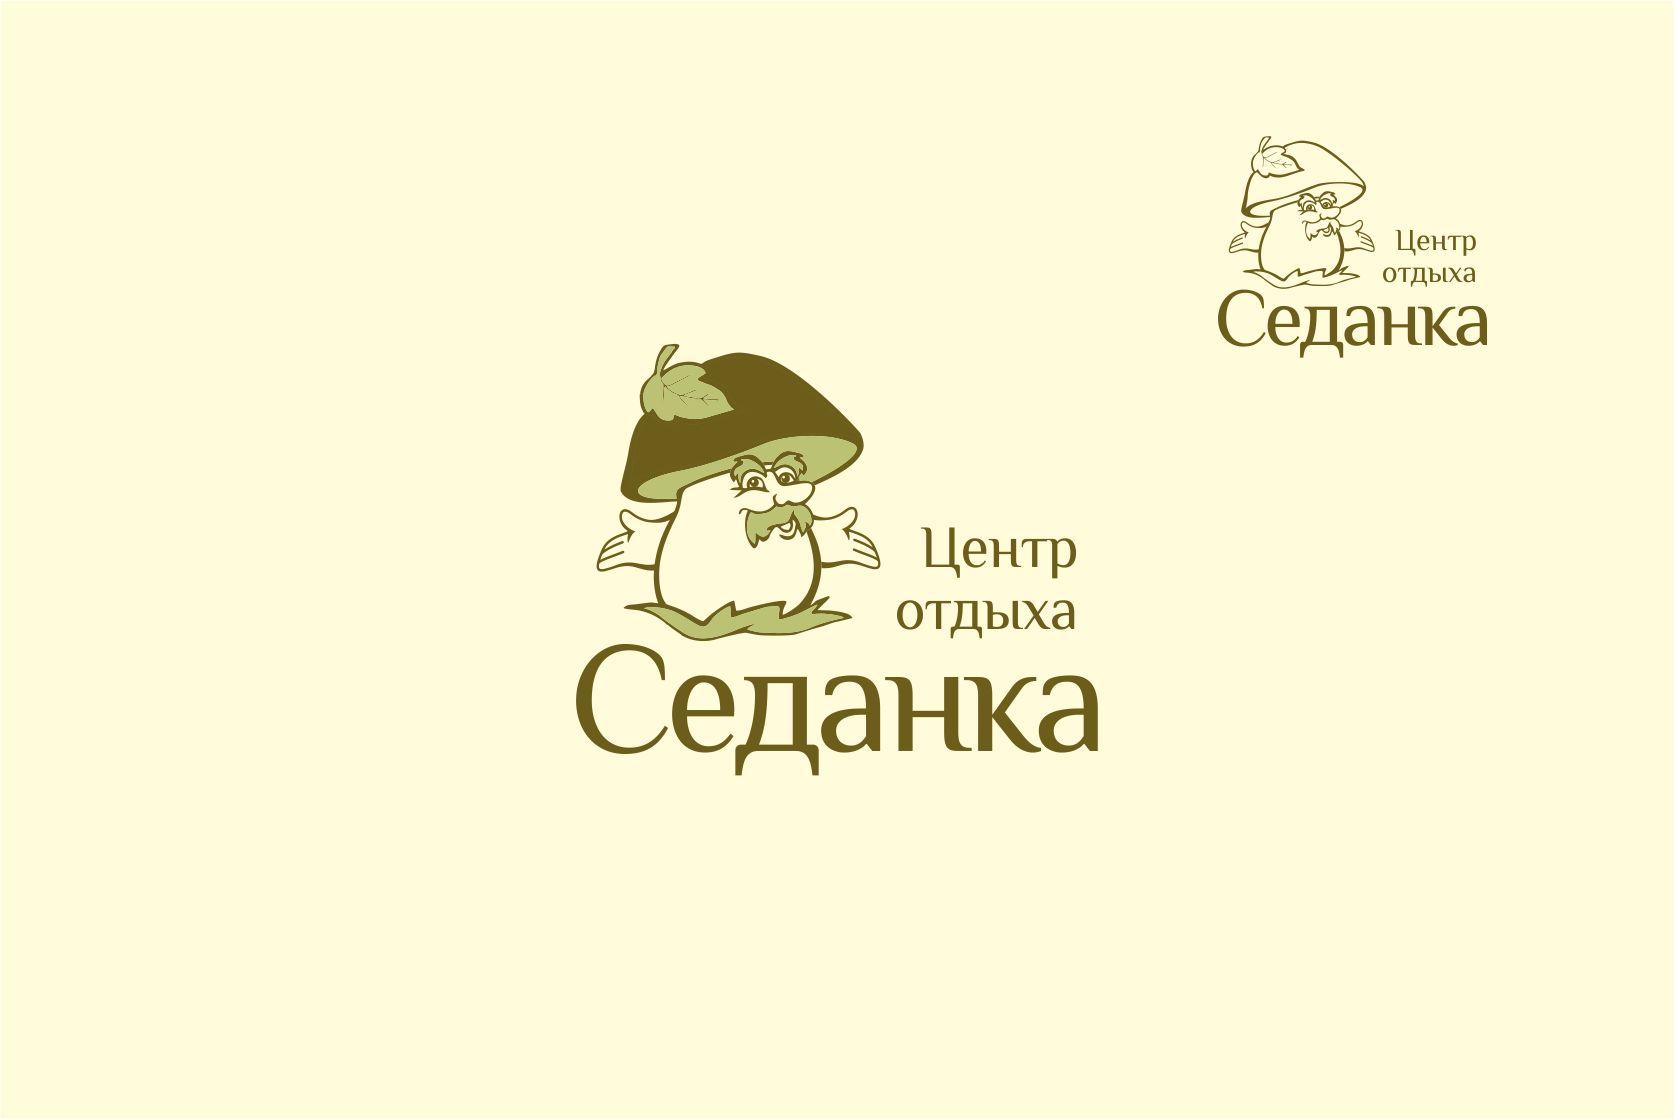 Логотип для центра отдыха - дизайнер Lara2009